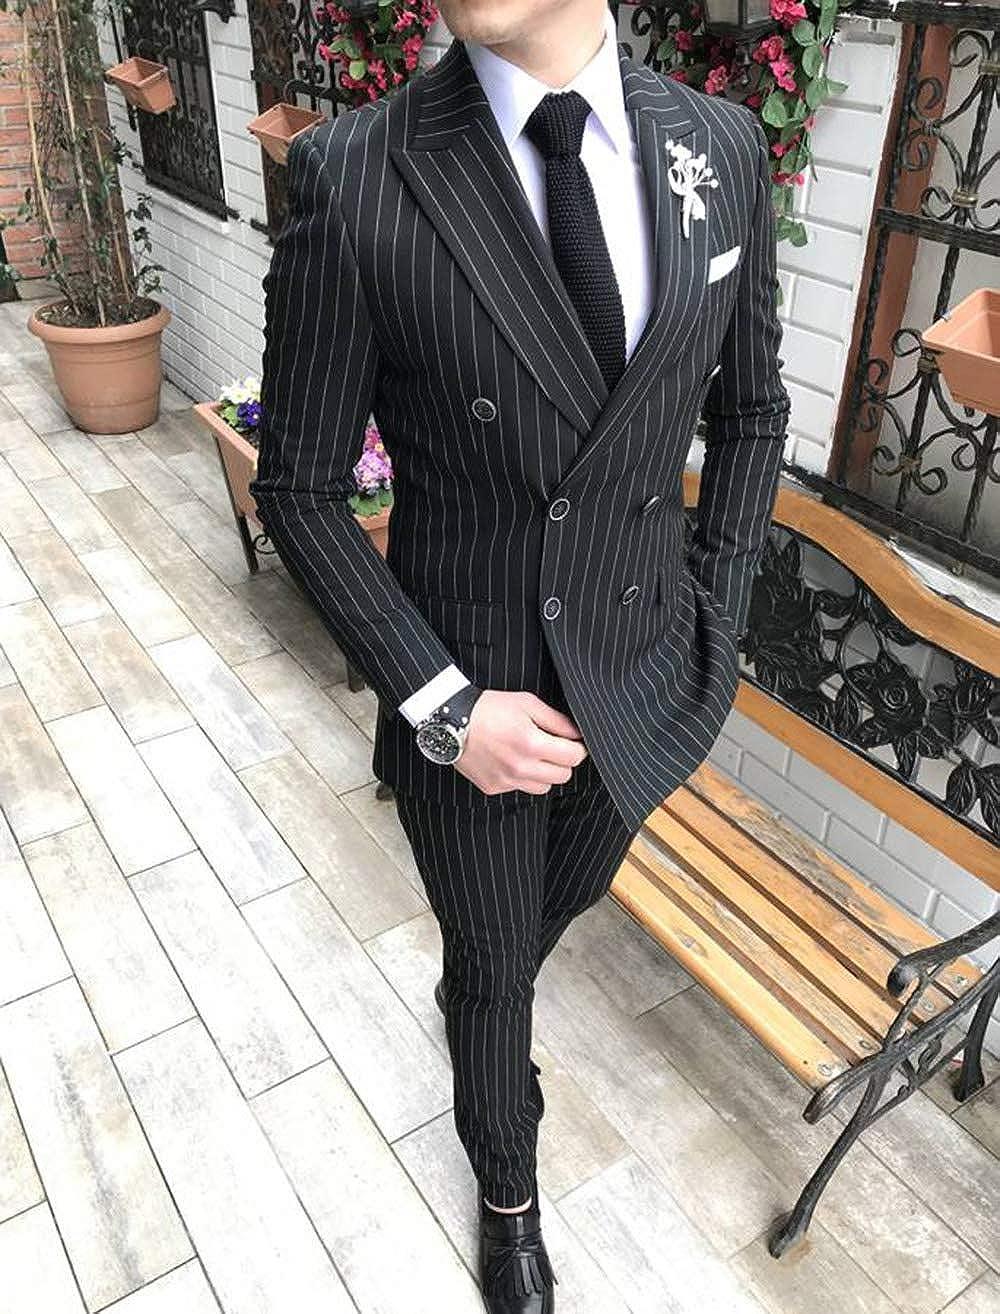 M/änner 2 St/ück Formale Slim Fit Nadelstreifen M/änner Anzug Zweireiher Groomsmen Smoking f/ür Hochzeit Blazer+Hosen